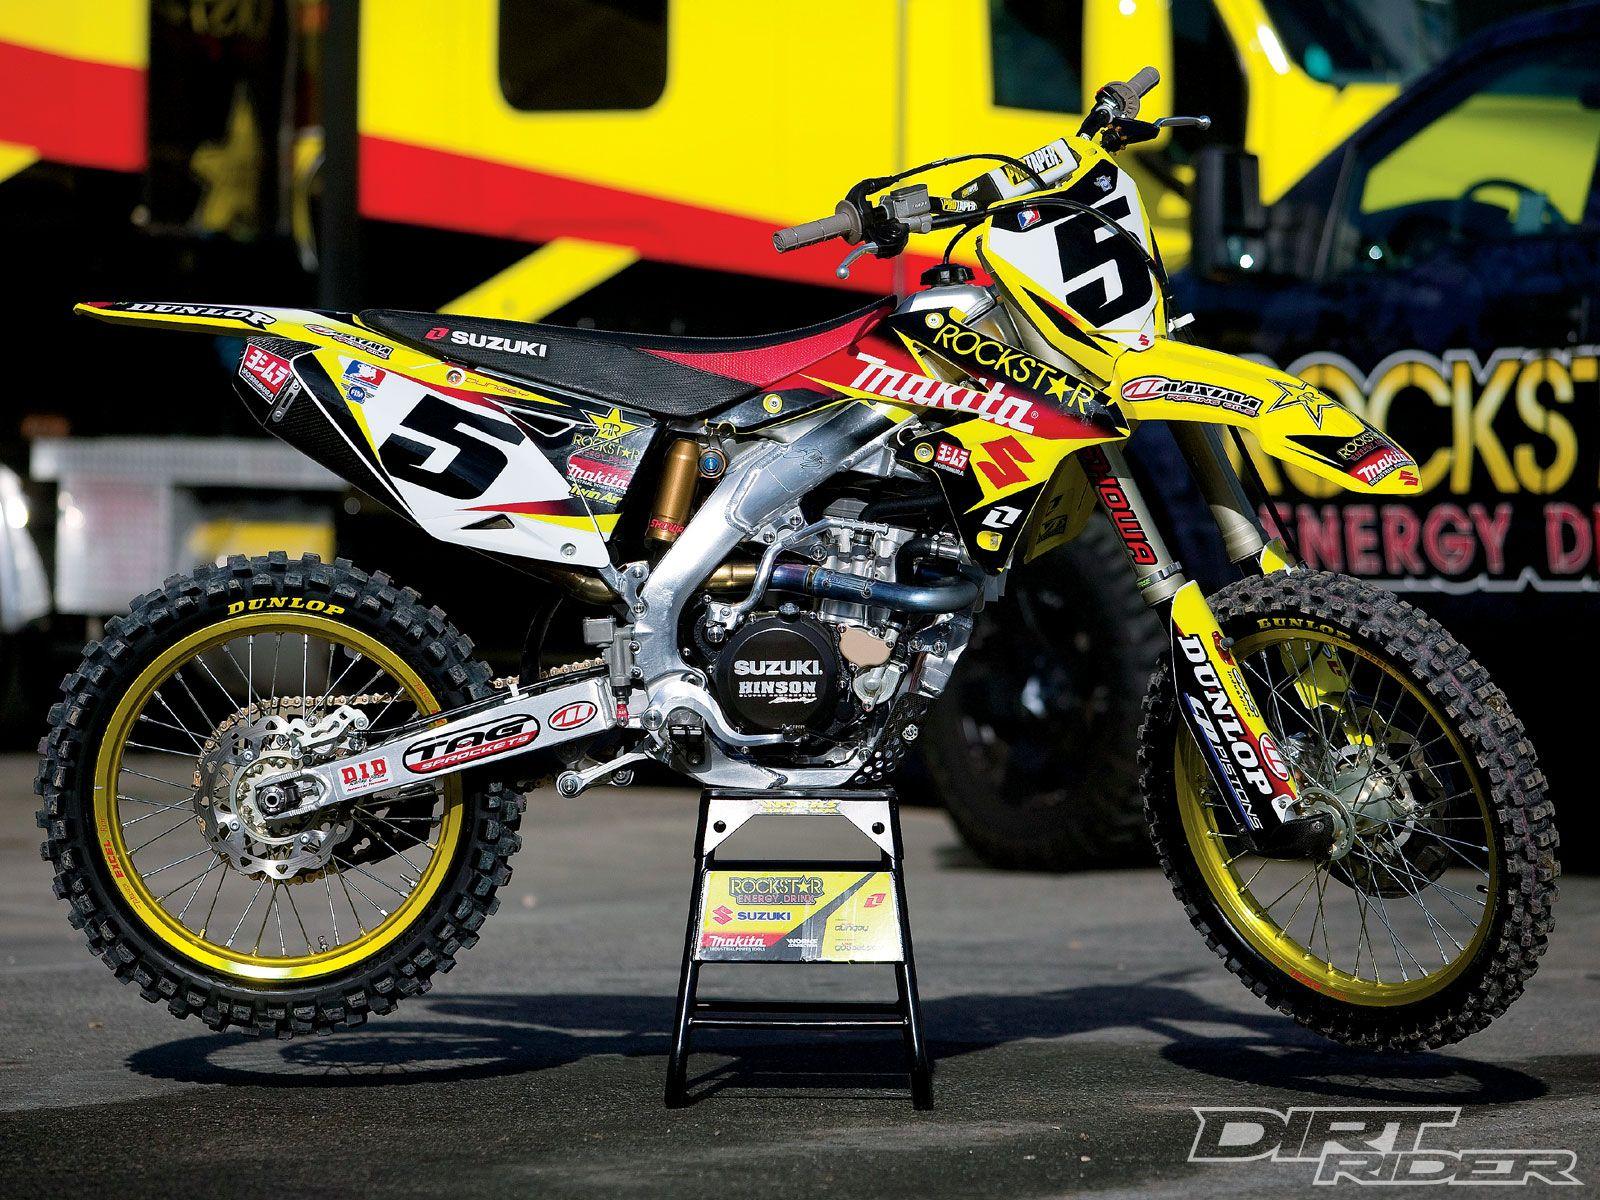 Suzuki Dirt Bikes 450